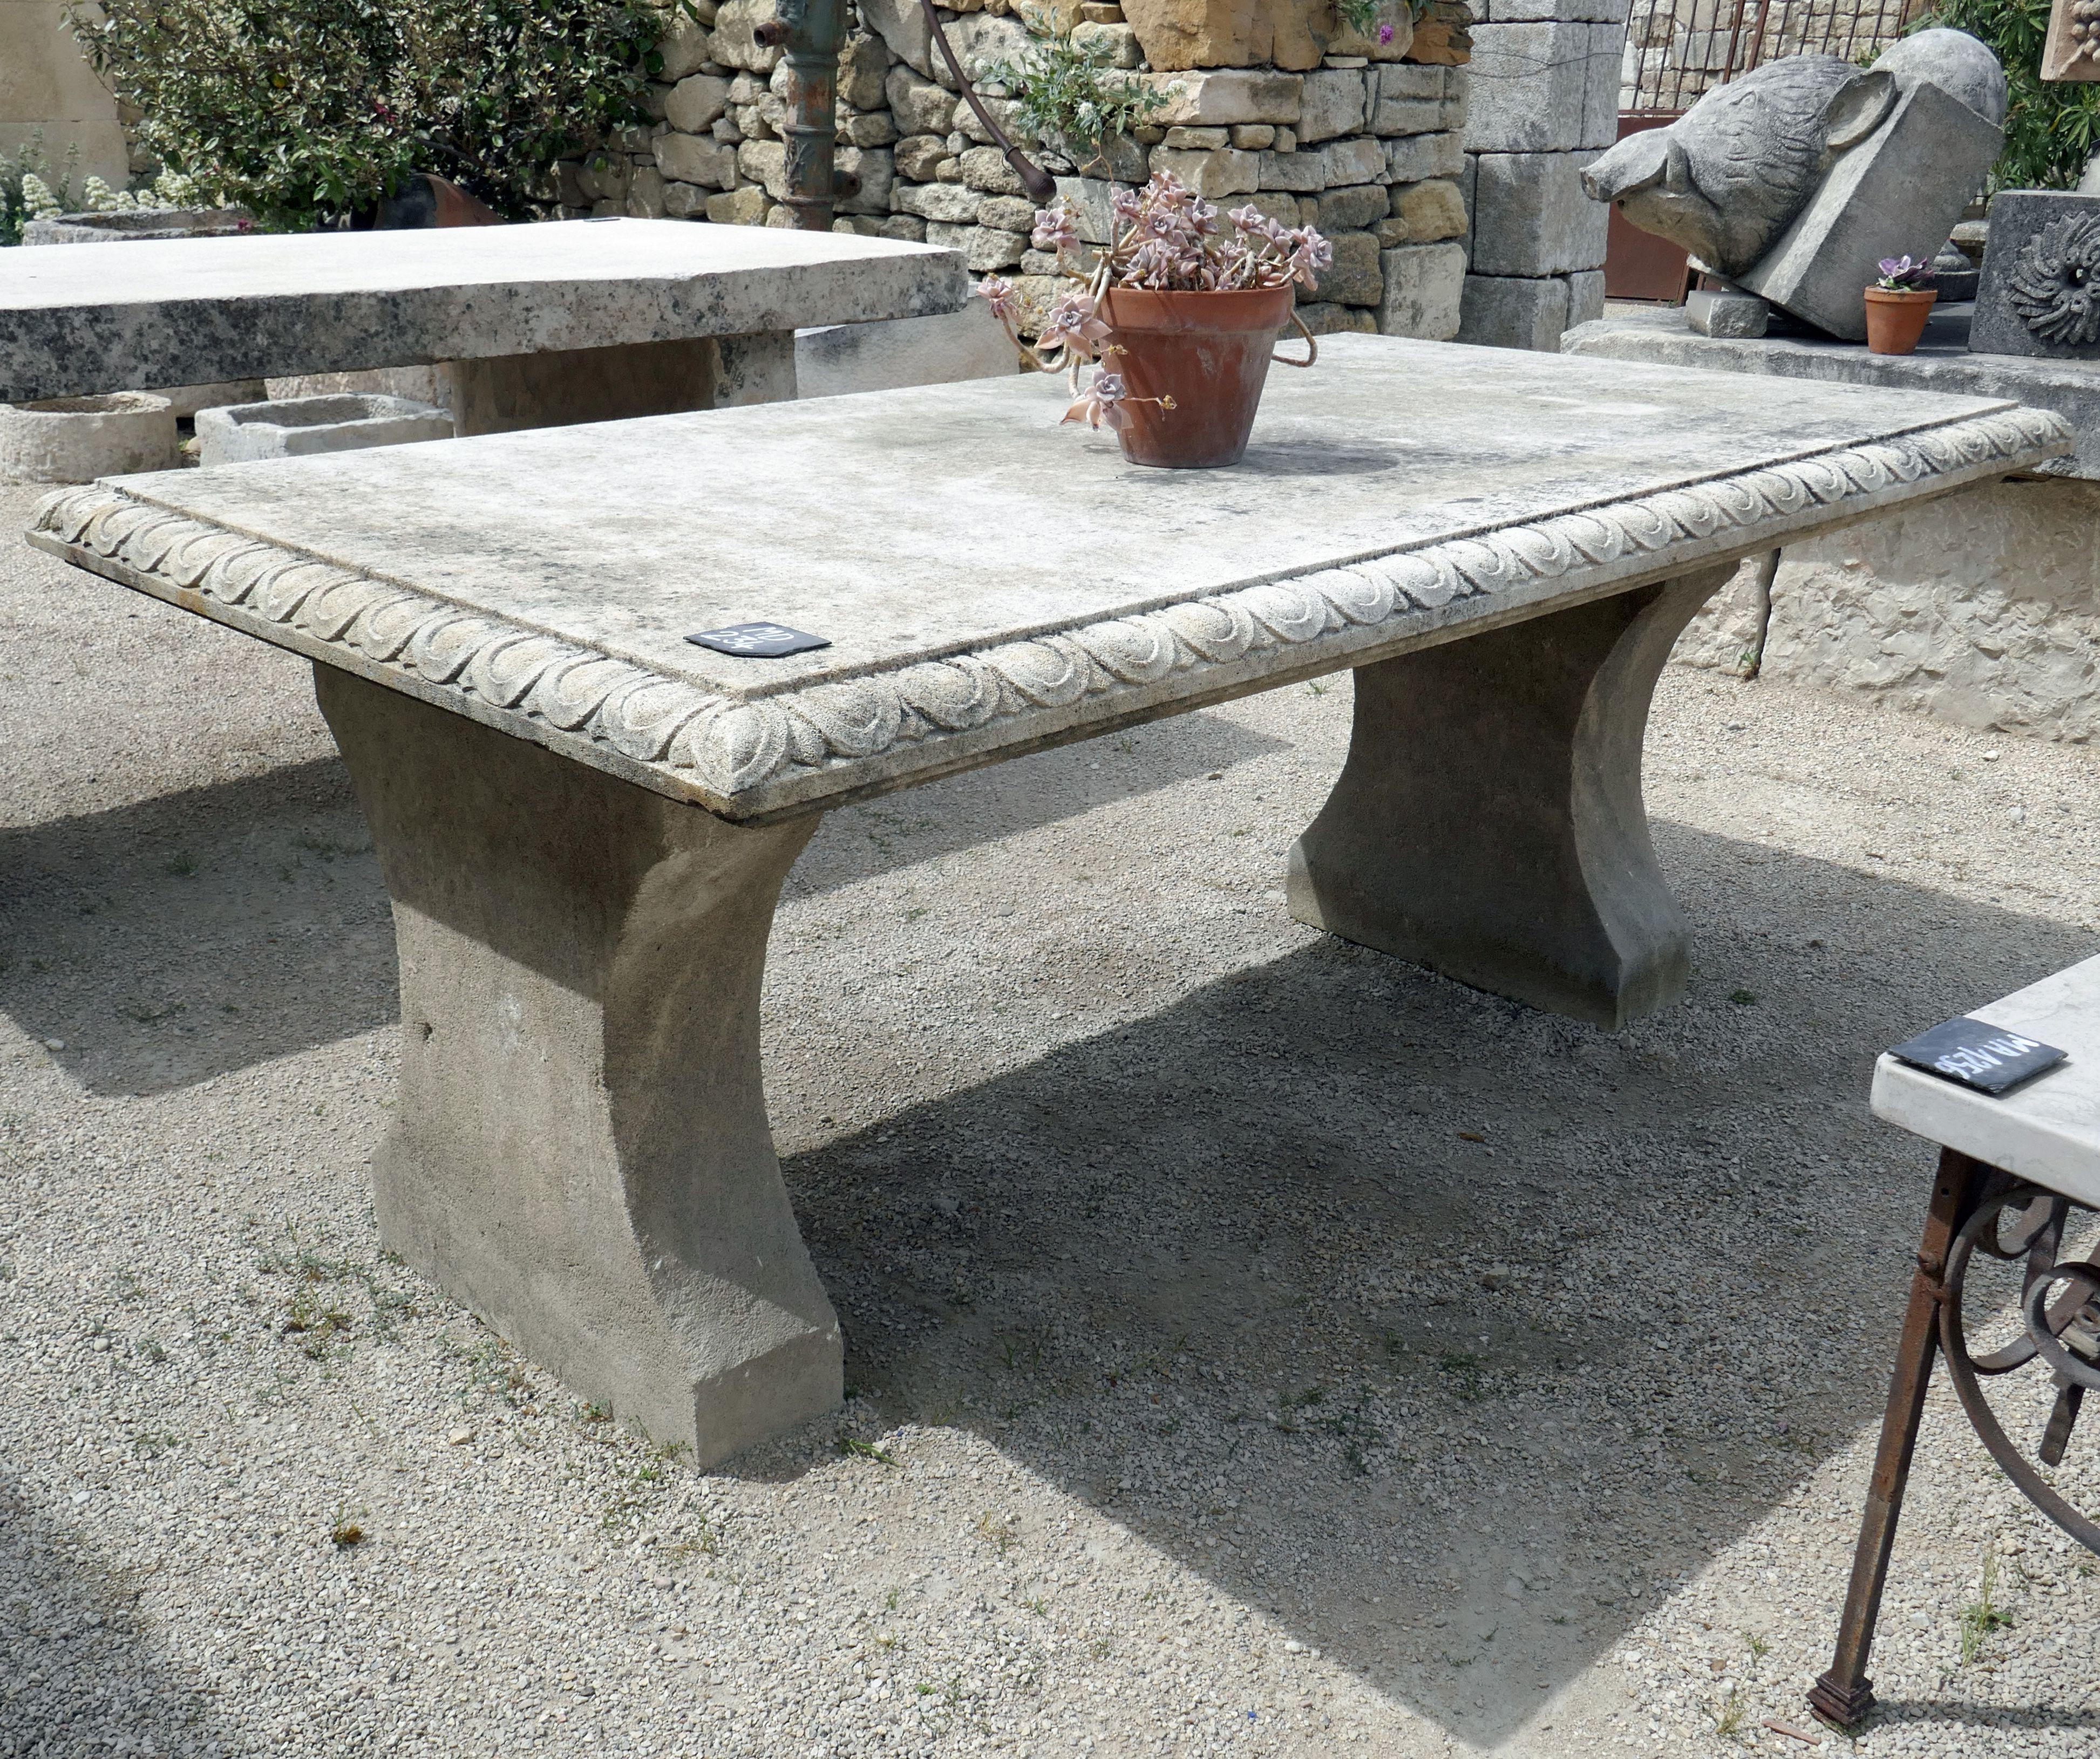 Elegante Table Rectangulaire De Grande Taille En Pierre Naturelle Francaise Atelier Alain Bidal Table De Jardin Table Pierre